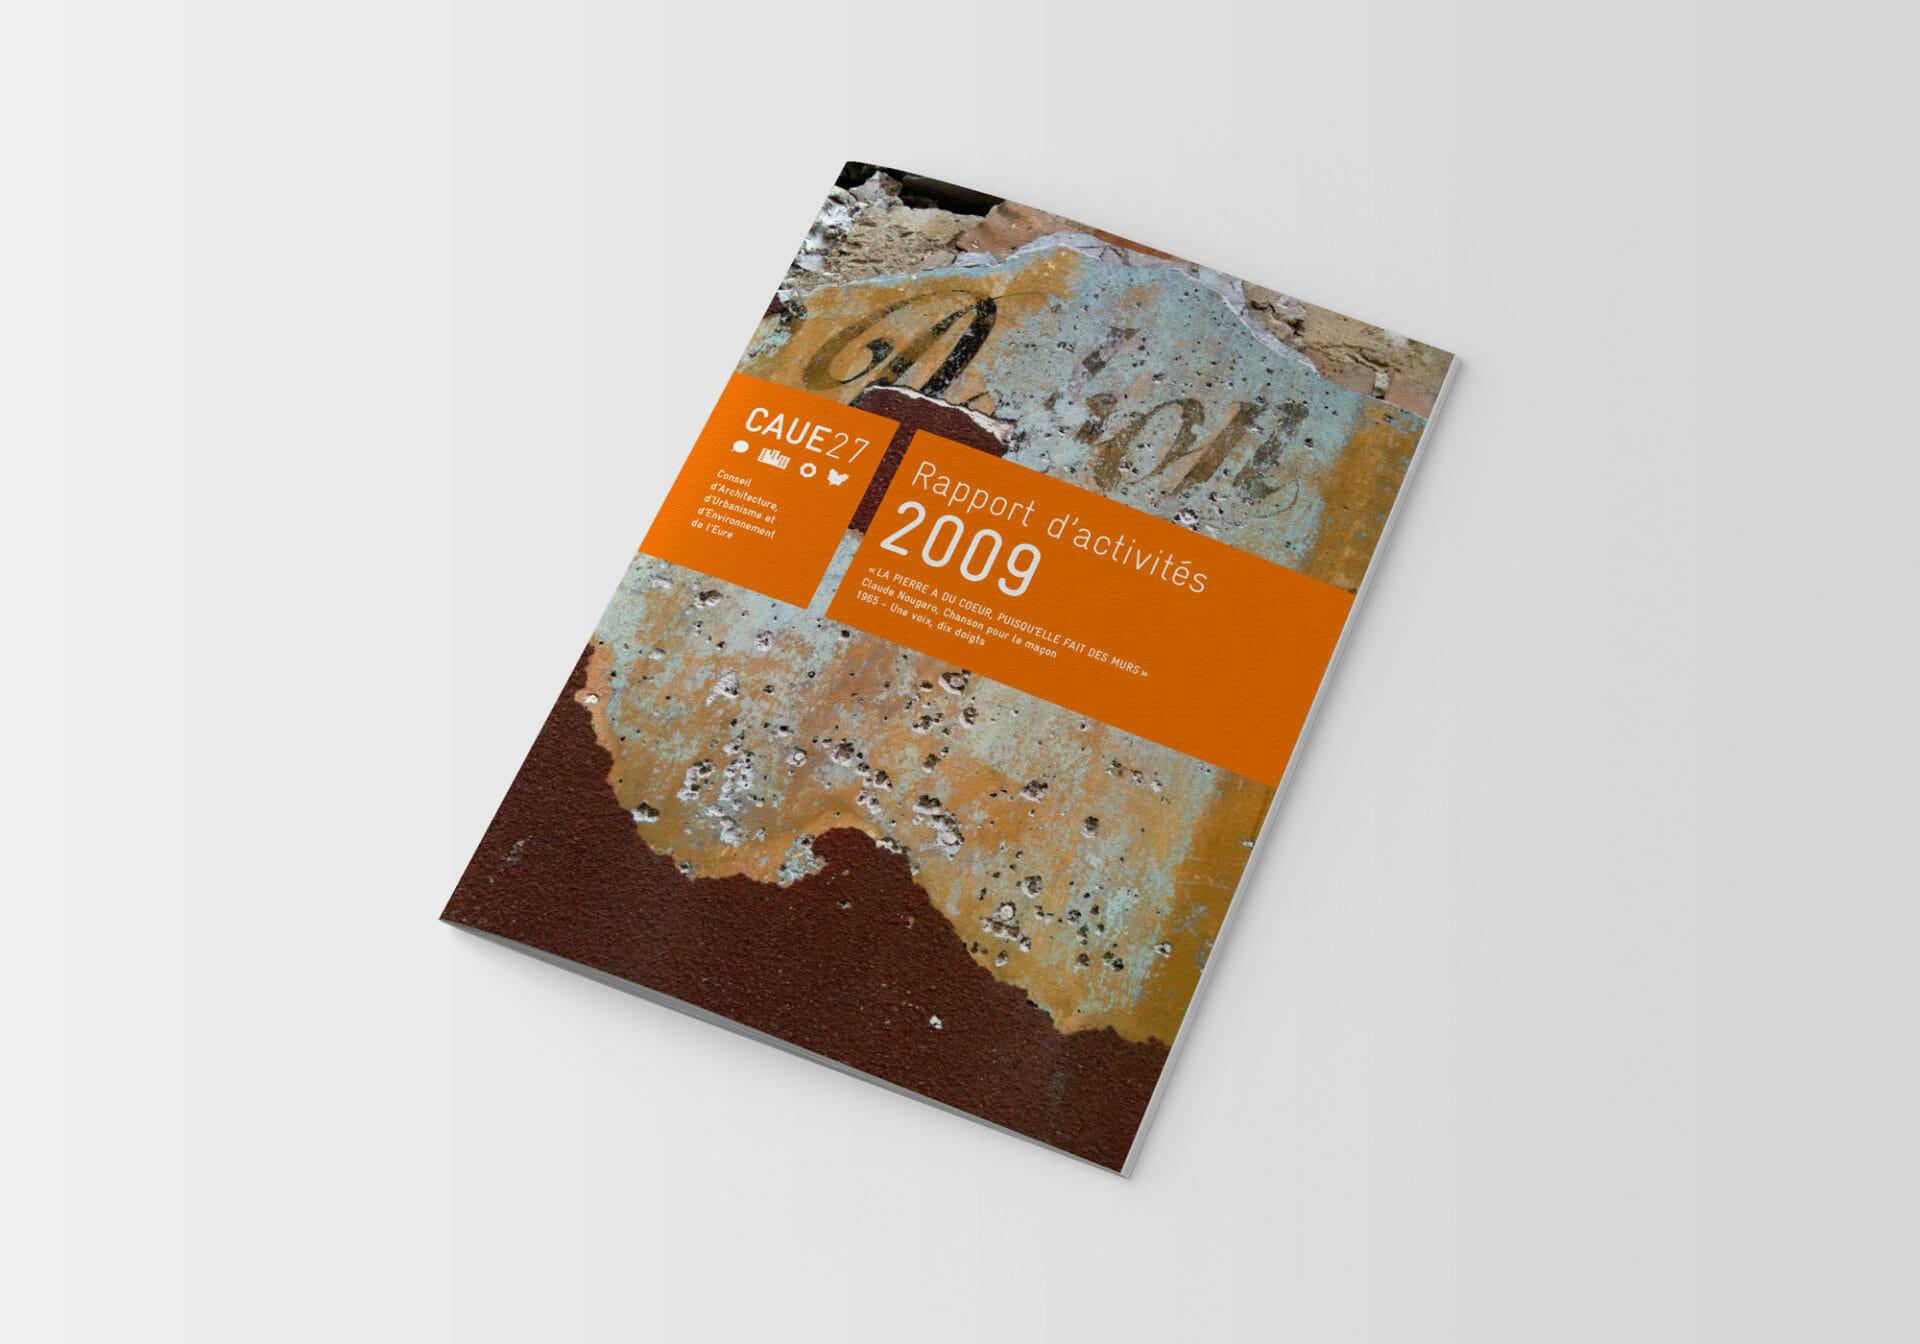 CAUE27-brochure-mockup-01